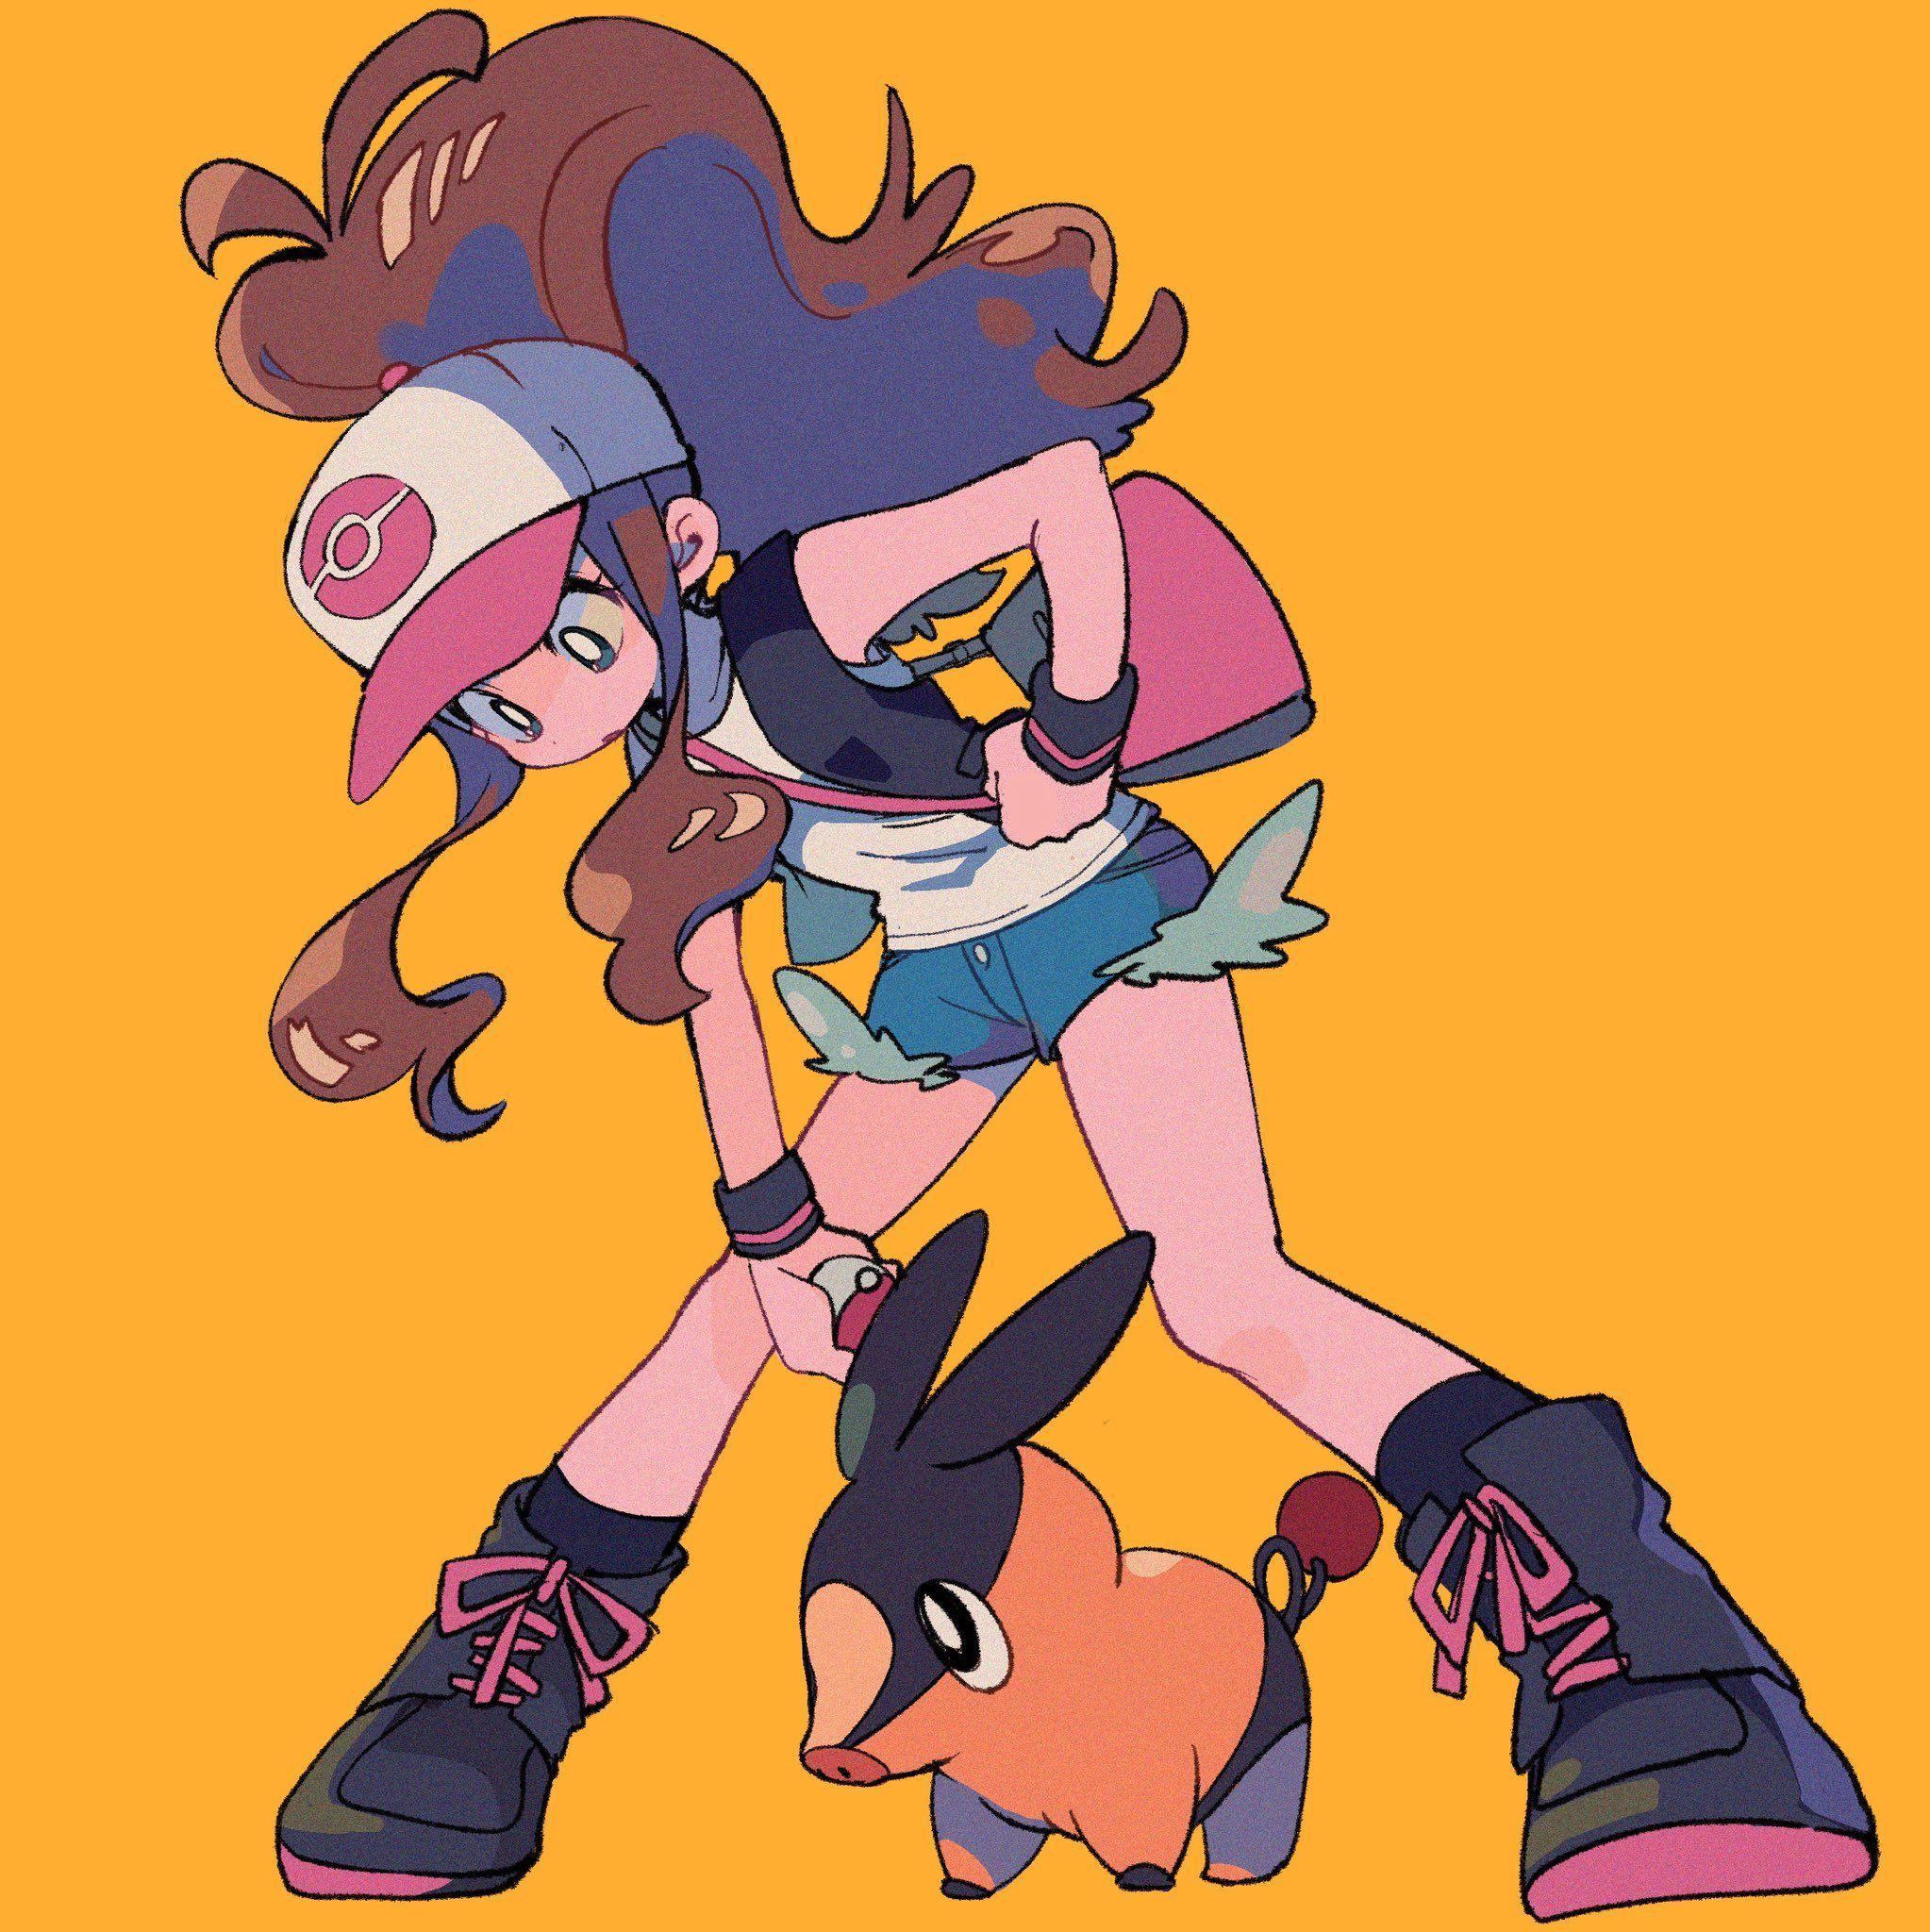 チョリソ〜 on in 2020 Anime, Pokemon, Character